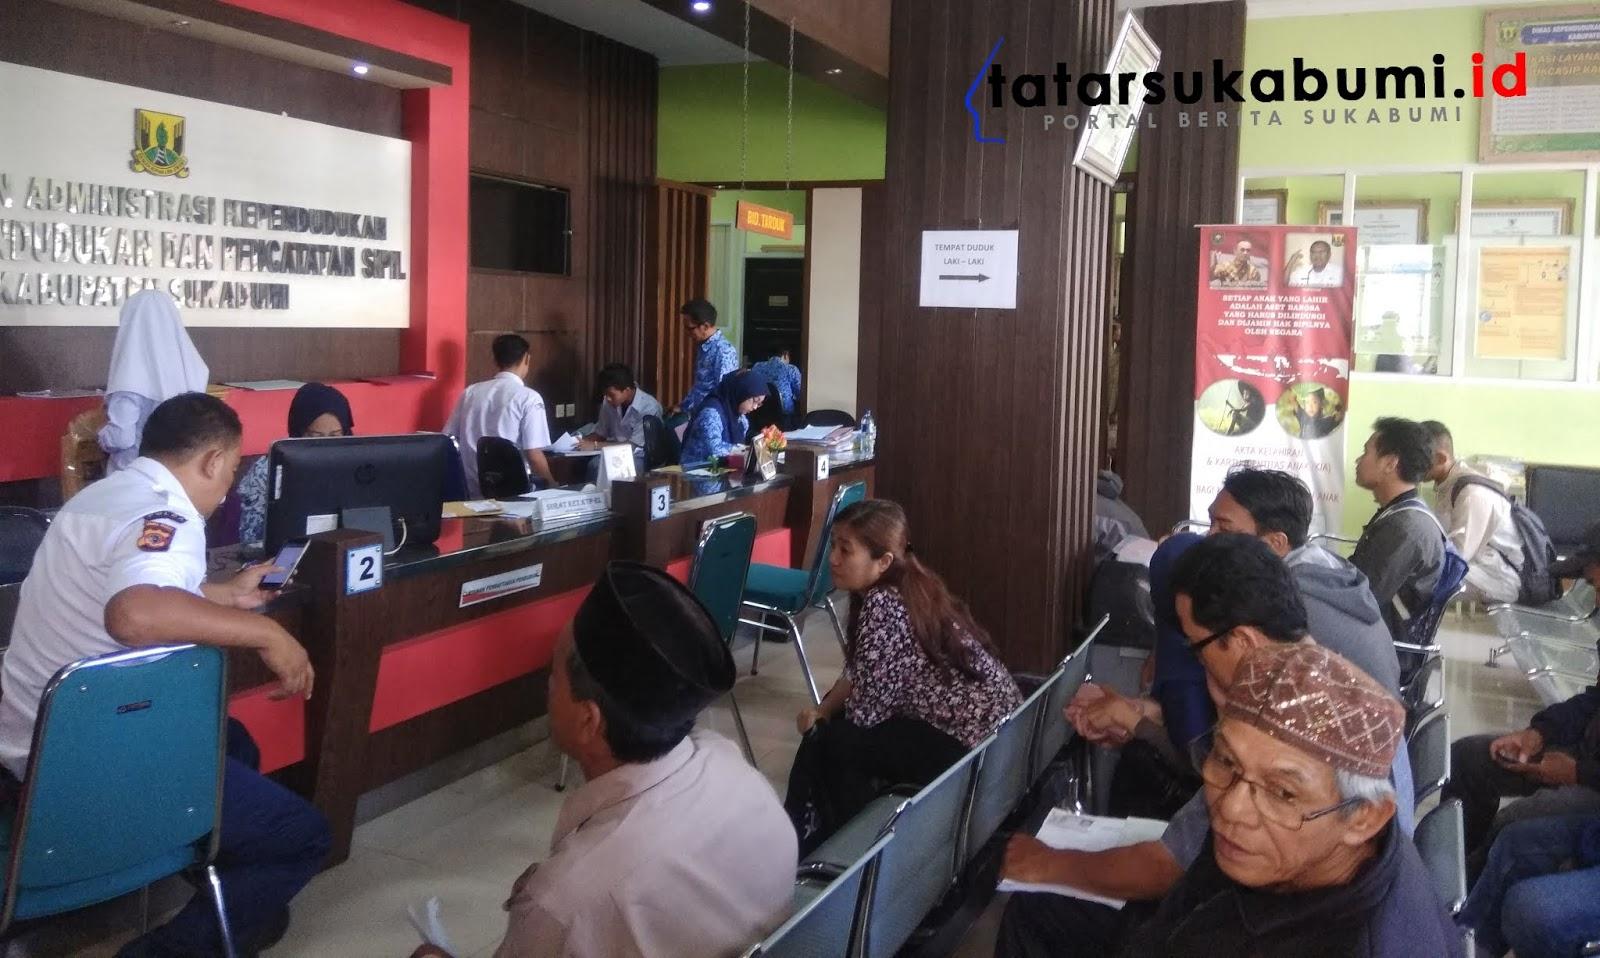 Pemohon Legalisir Akta Kelahiran dan Kartu Keluarga di Sukabumi Melonjak 1000 Persen